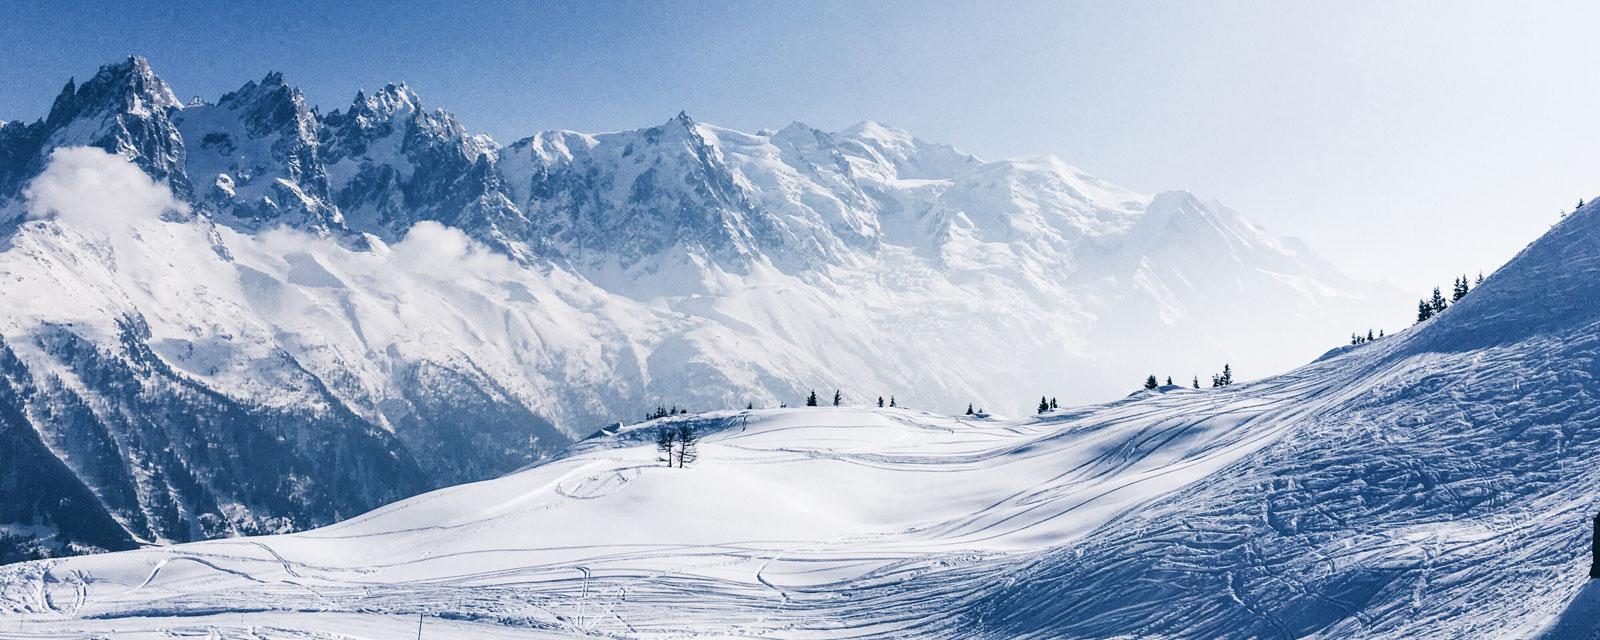 sms estaciones esquí